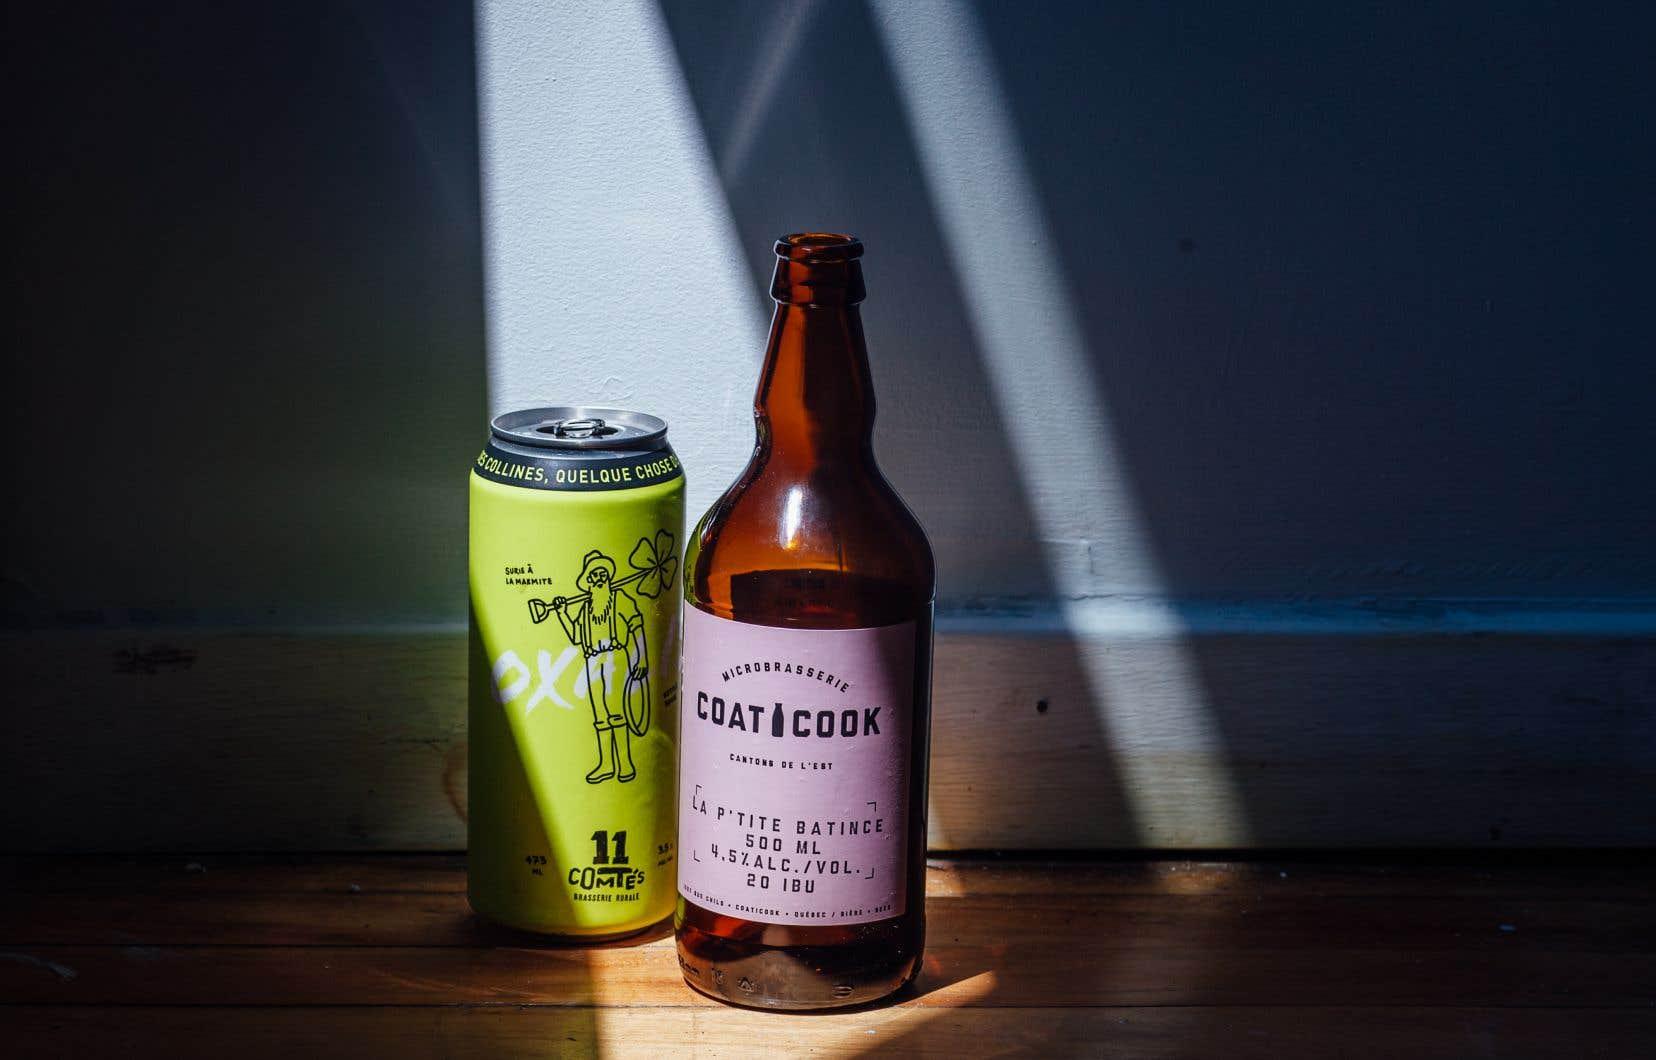 Les bières de la semaine: l'Oxalis, une kettle sour, et La P'tite Batince, une ale aux canneberges